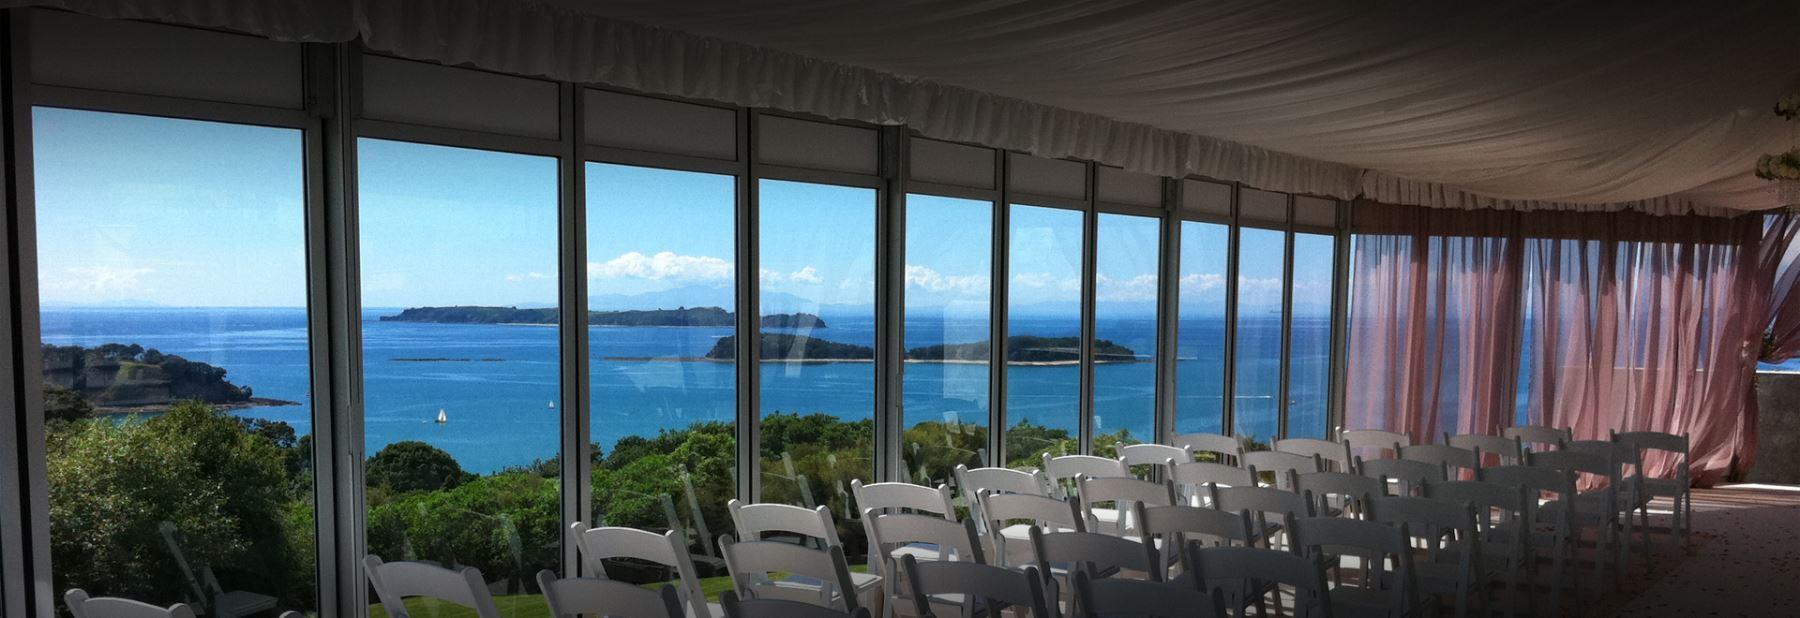 Platinum Hire - Wedding Furniture Hire Auckland